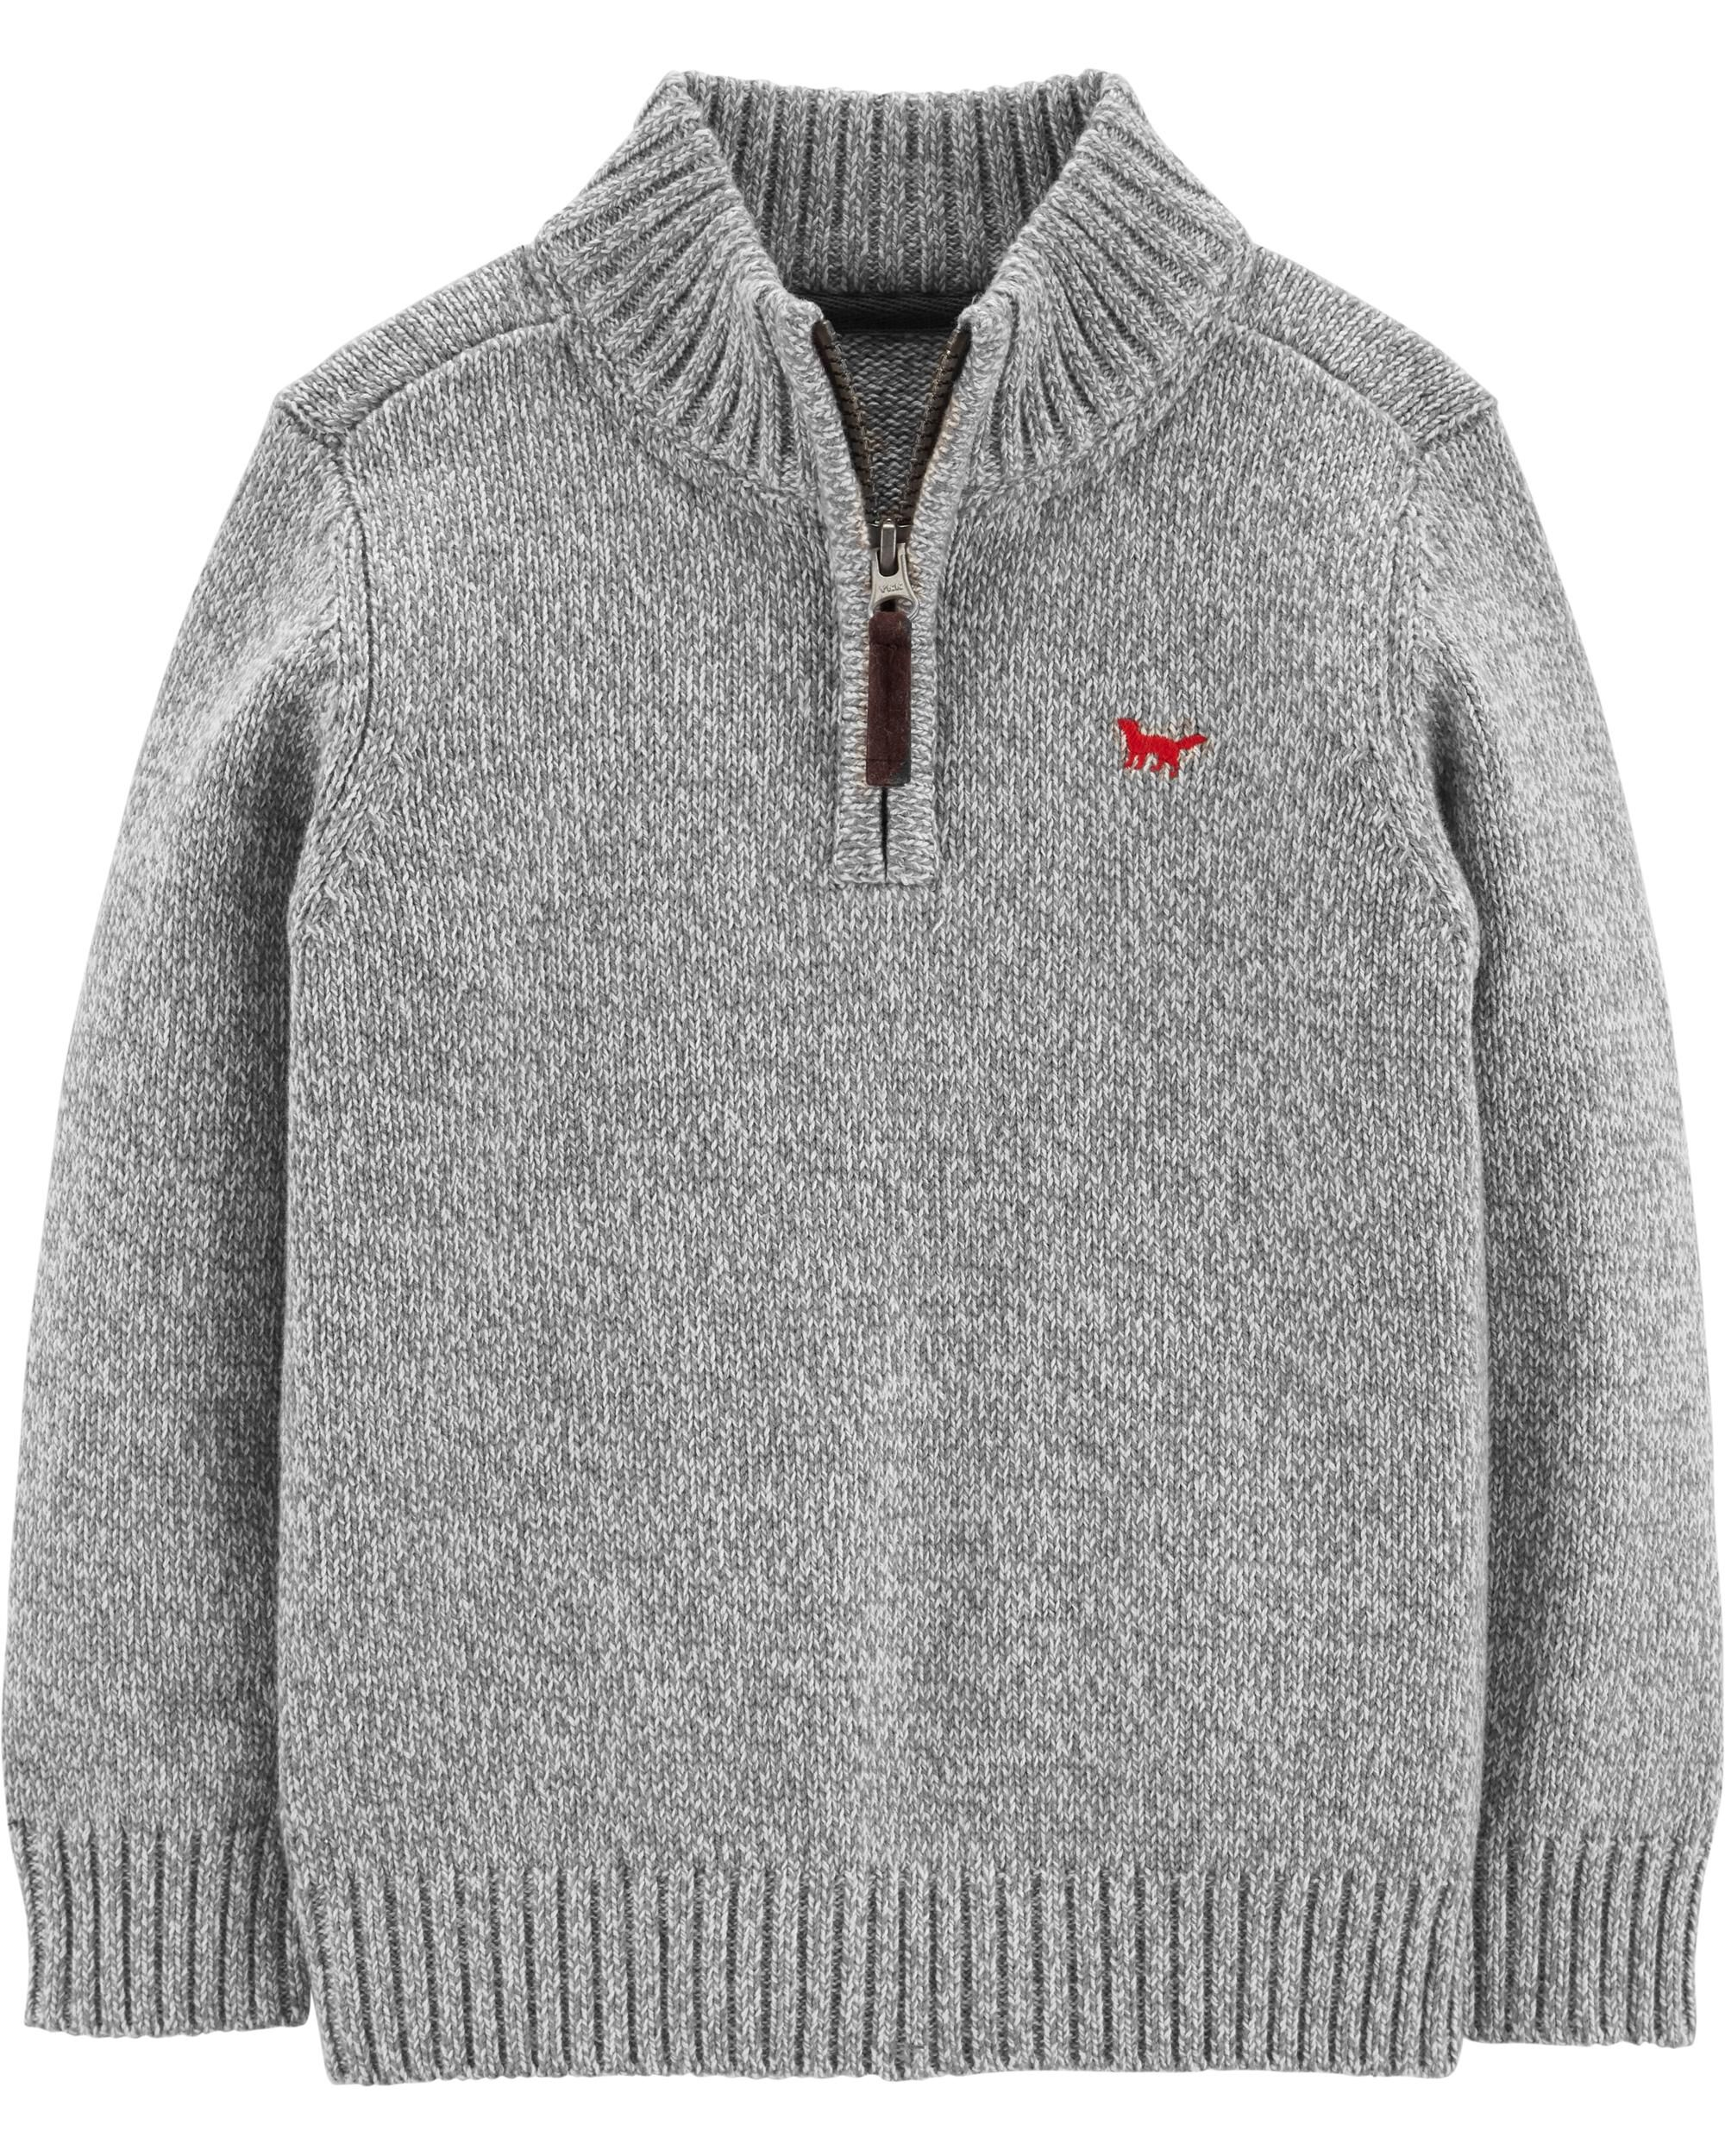 f659a3033b1d Toddler Boy Half-Zip Pullover Sweater